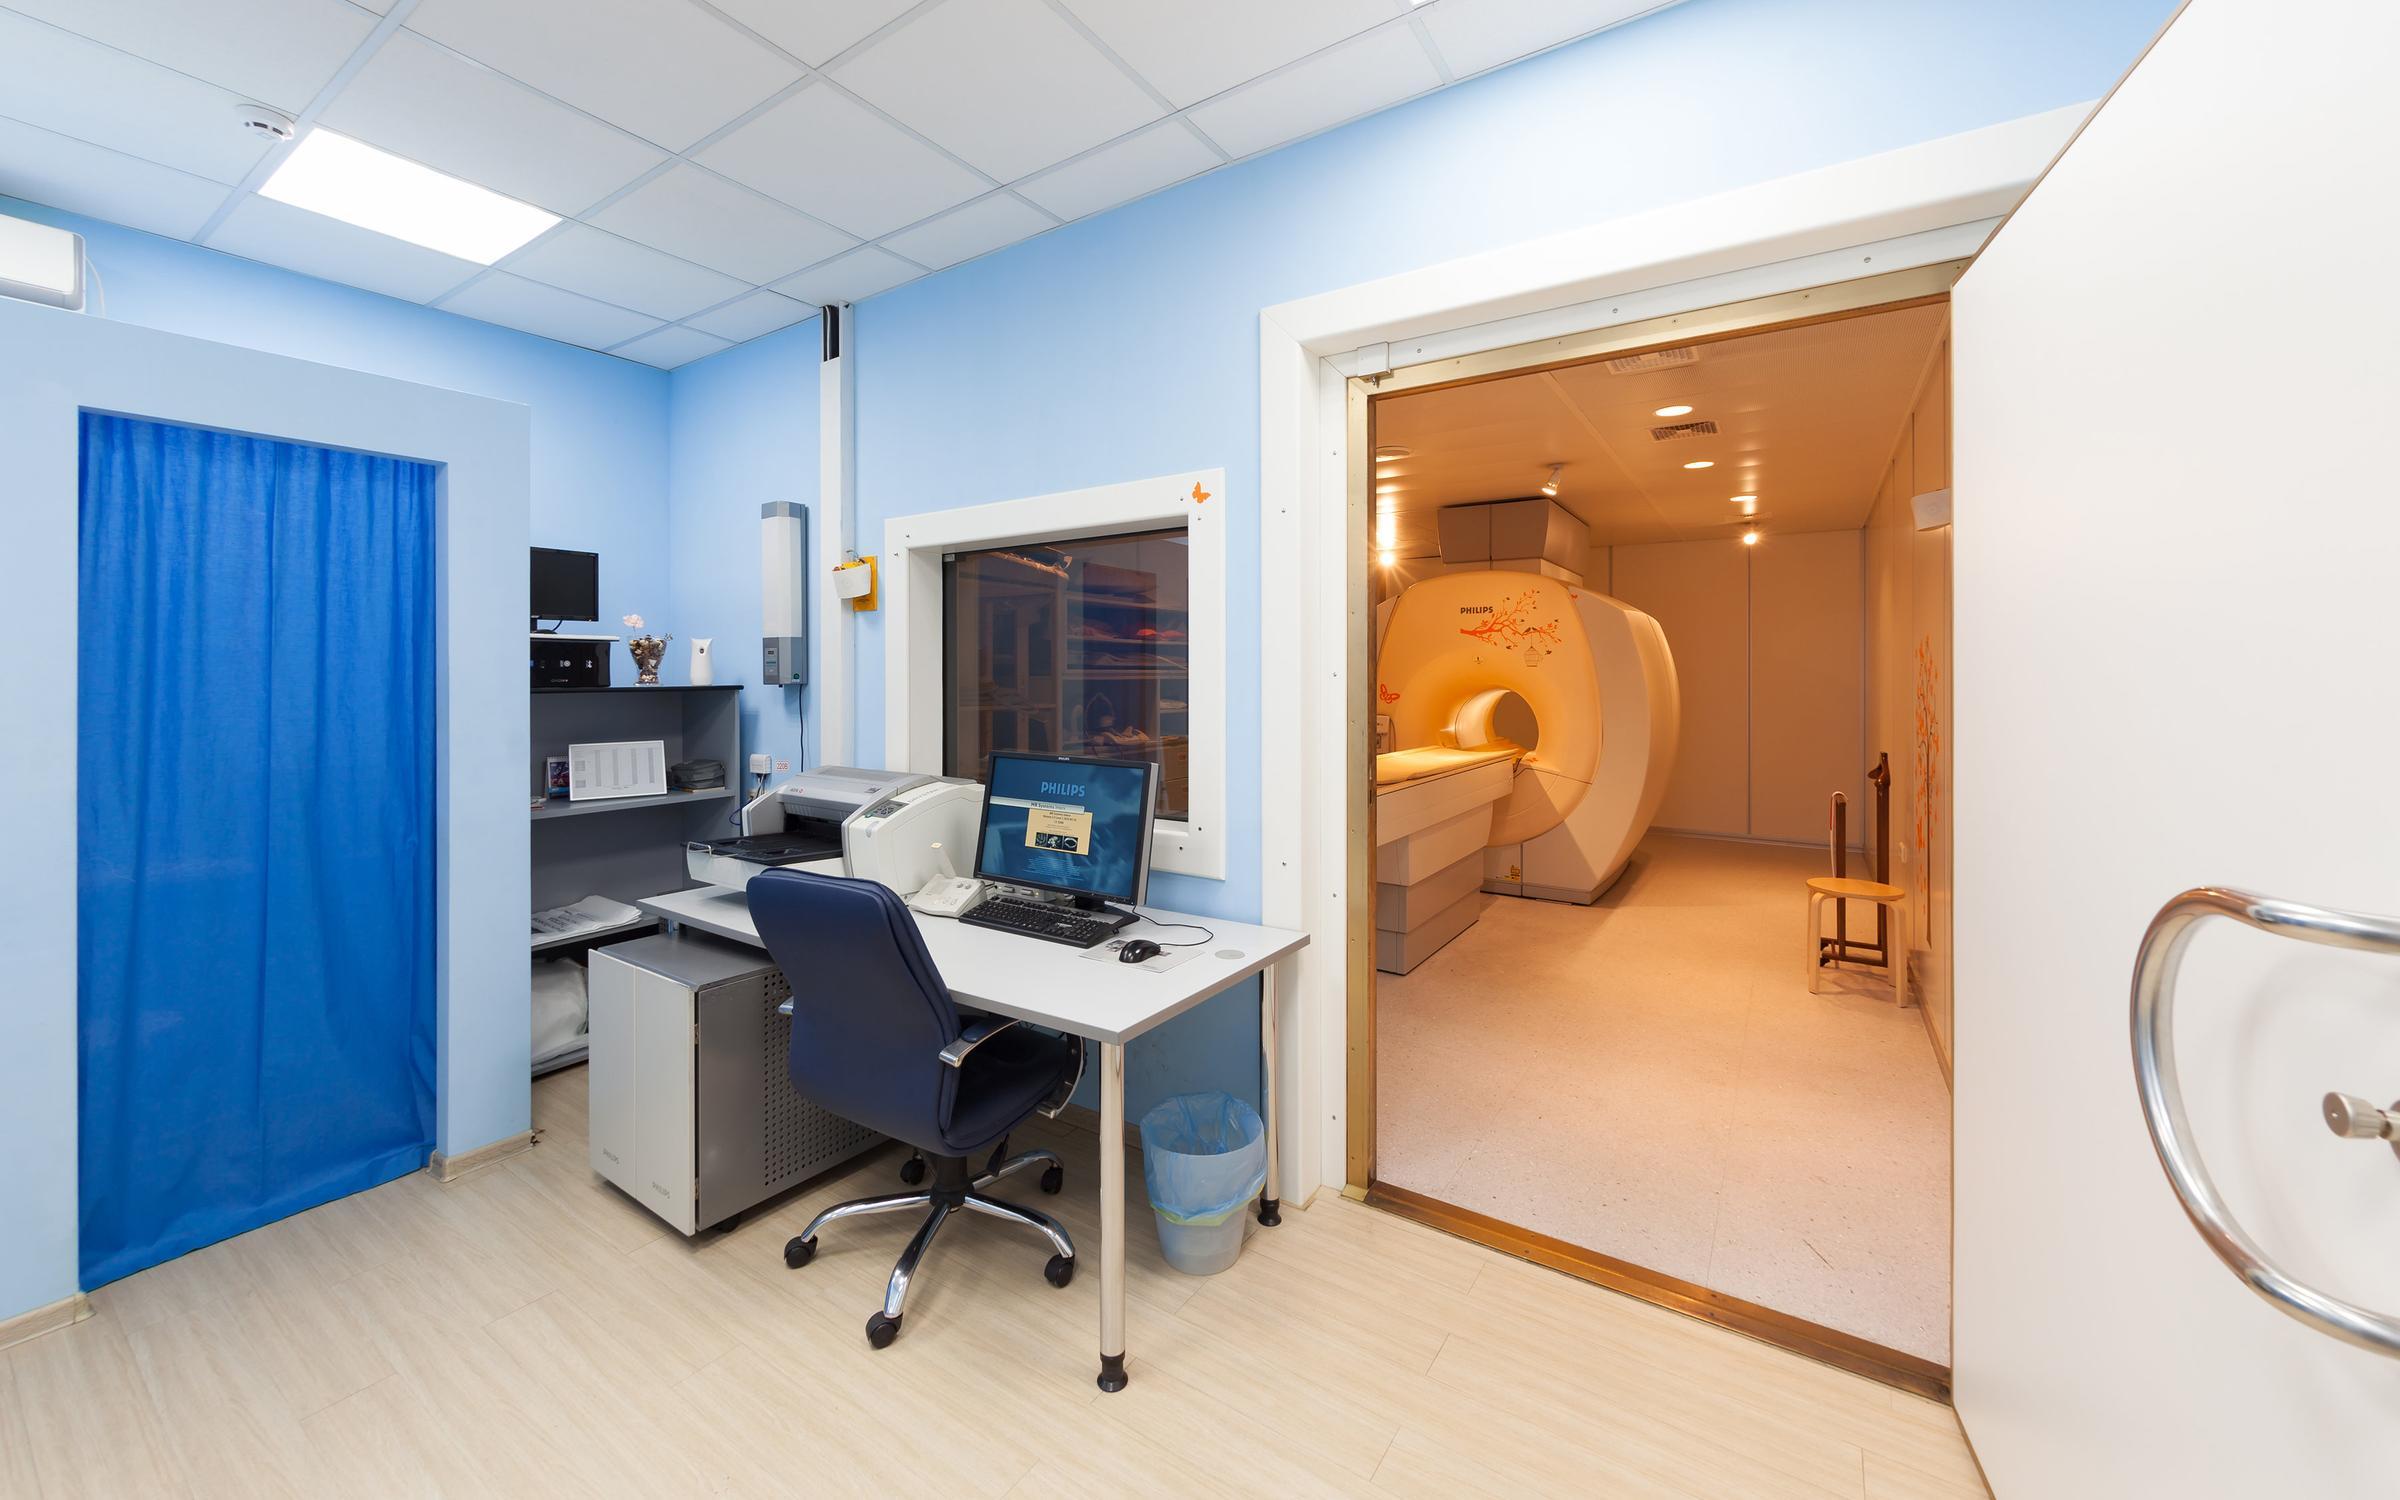 фотография Специализированный центр МРТ диагностики Med-7 у метро Улица 1905 года